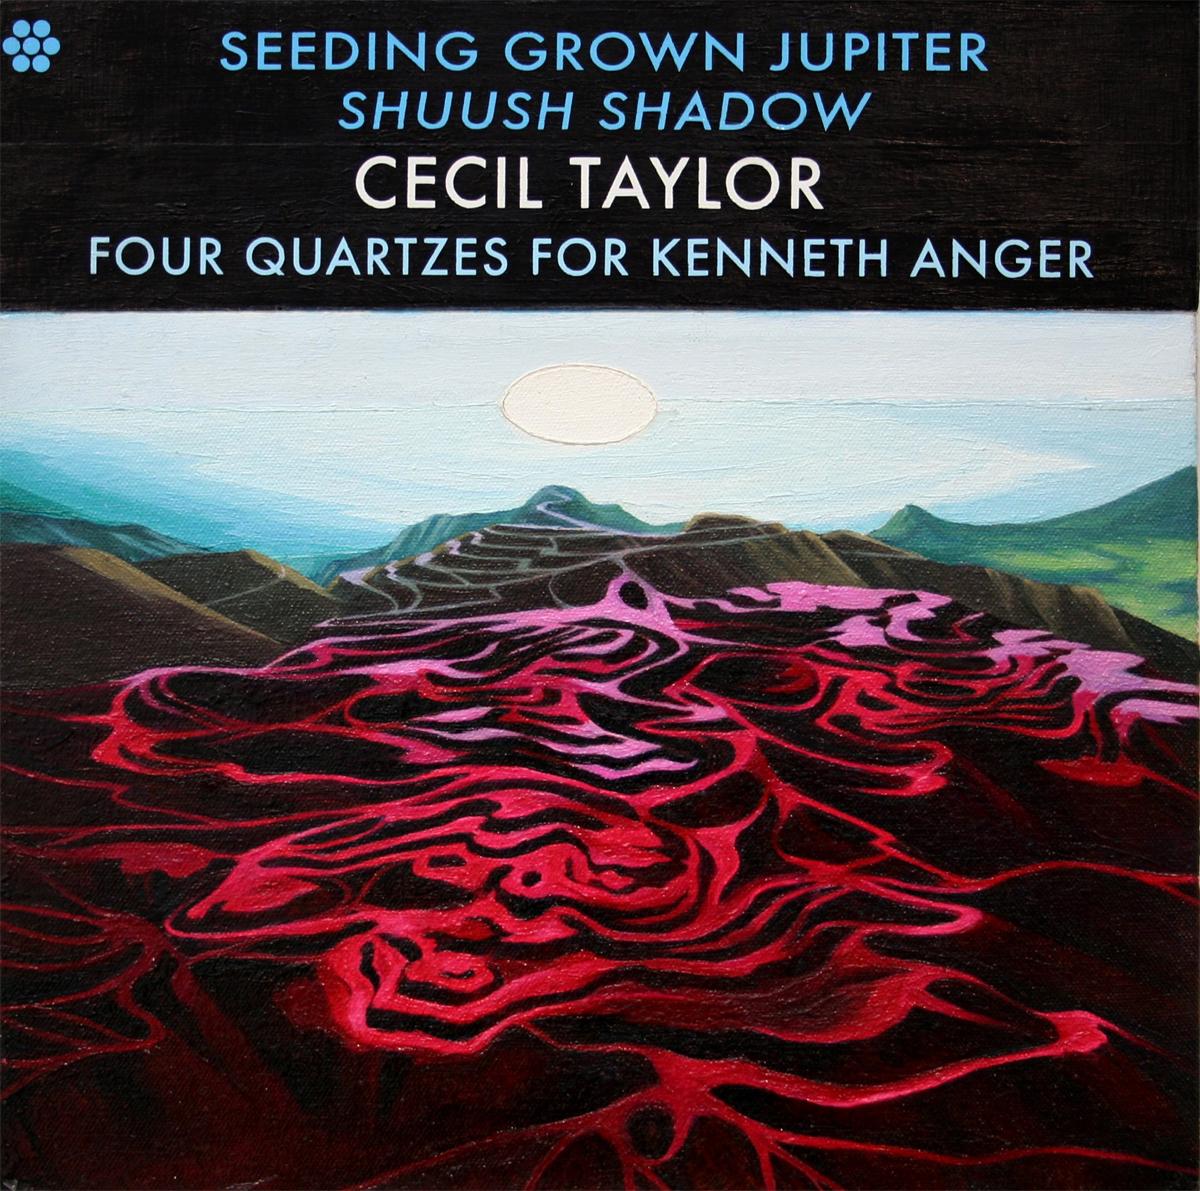 Cecil Taylor-Seeding Grown Jupiter-1979